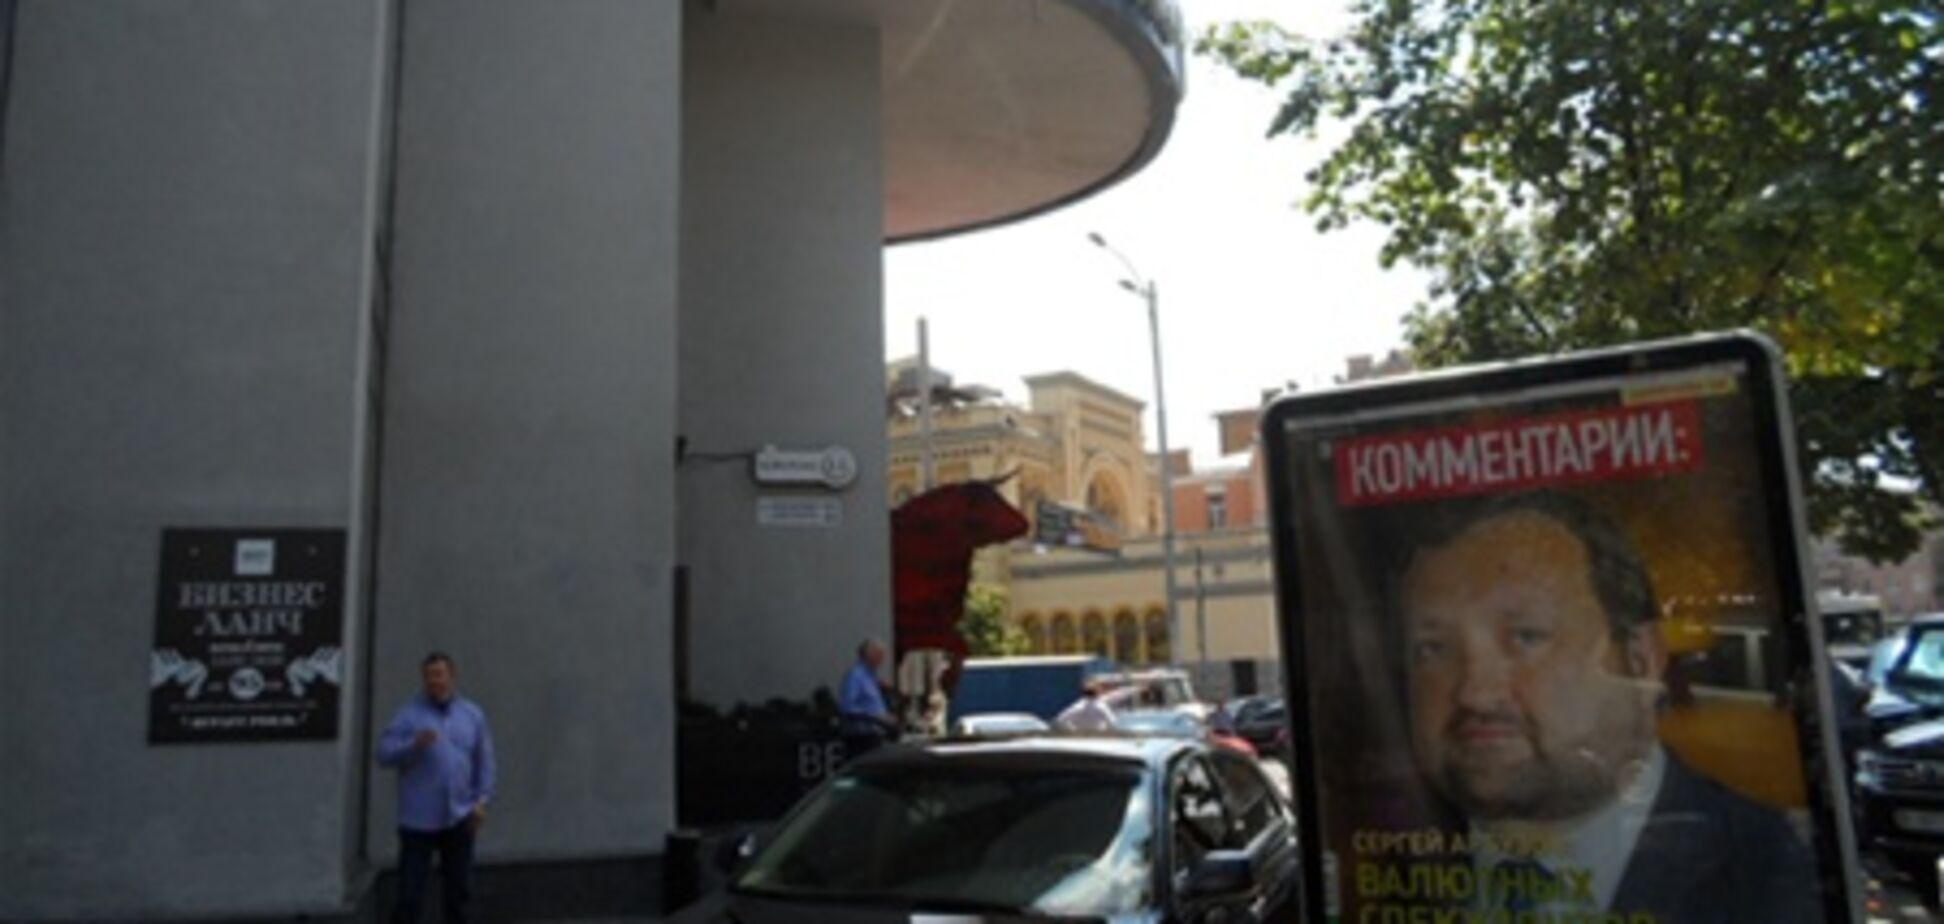 Юрист: Хозсуд Киева 'отменил' частную собственность в Украине